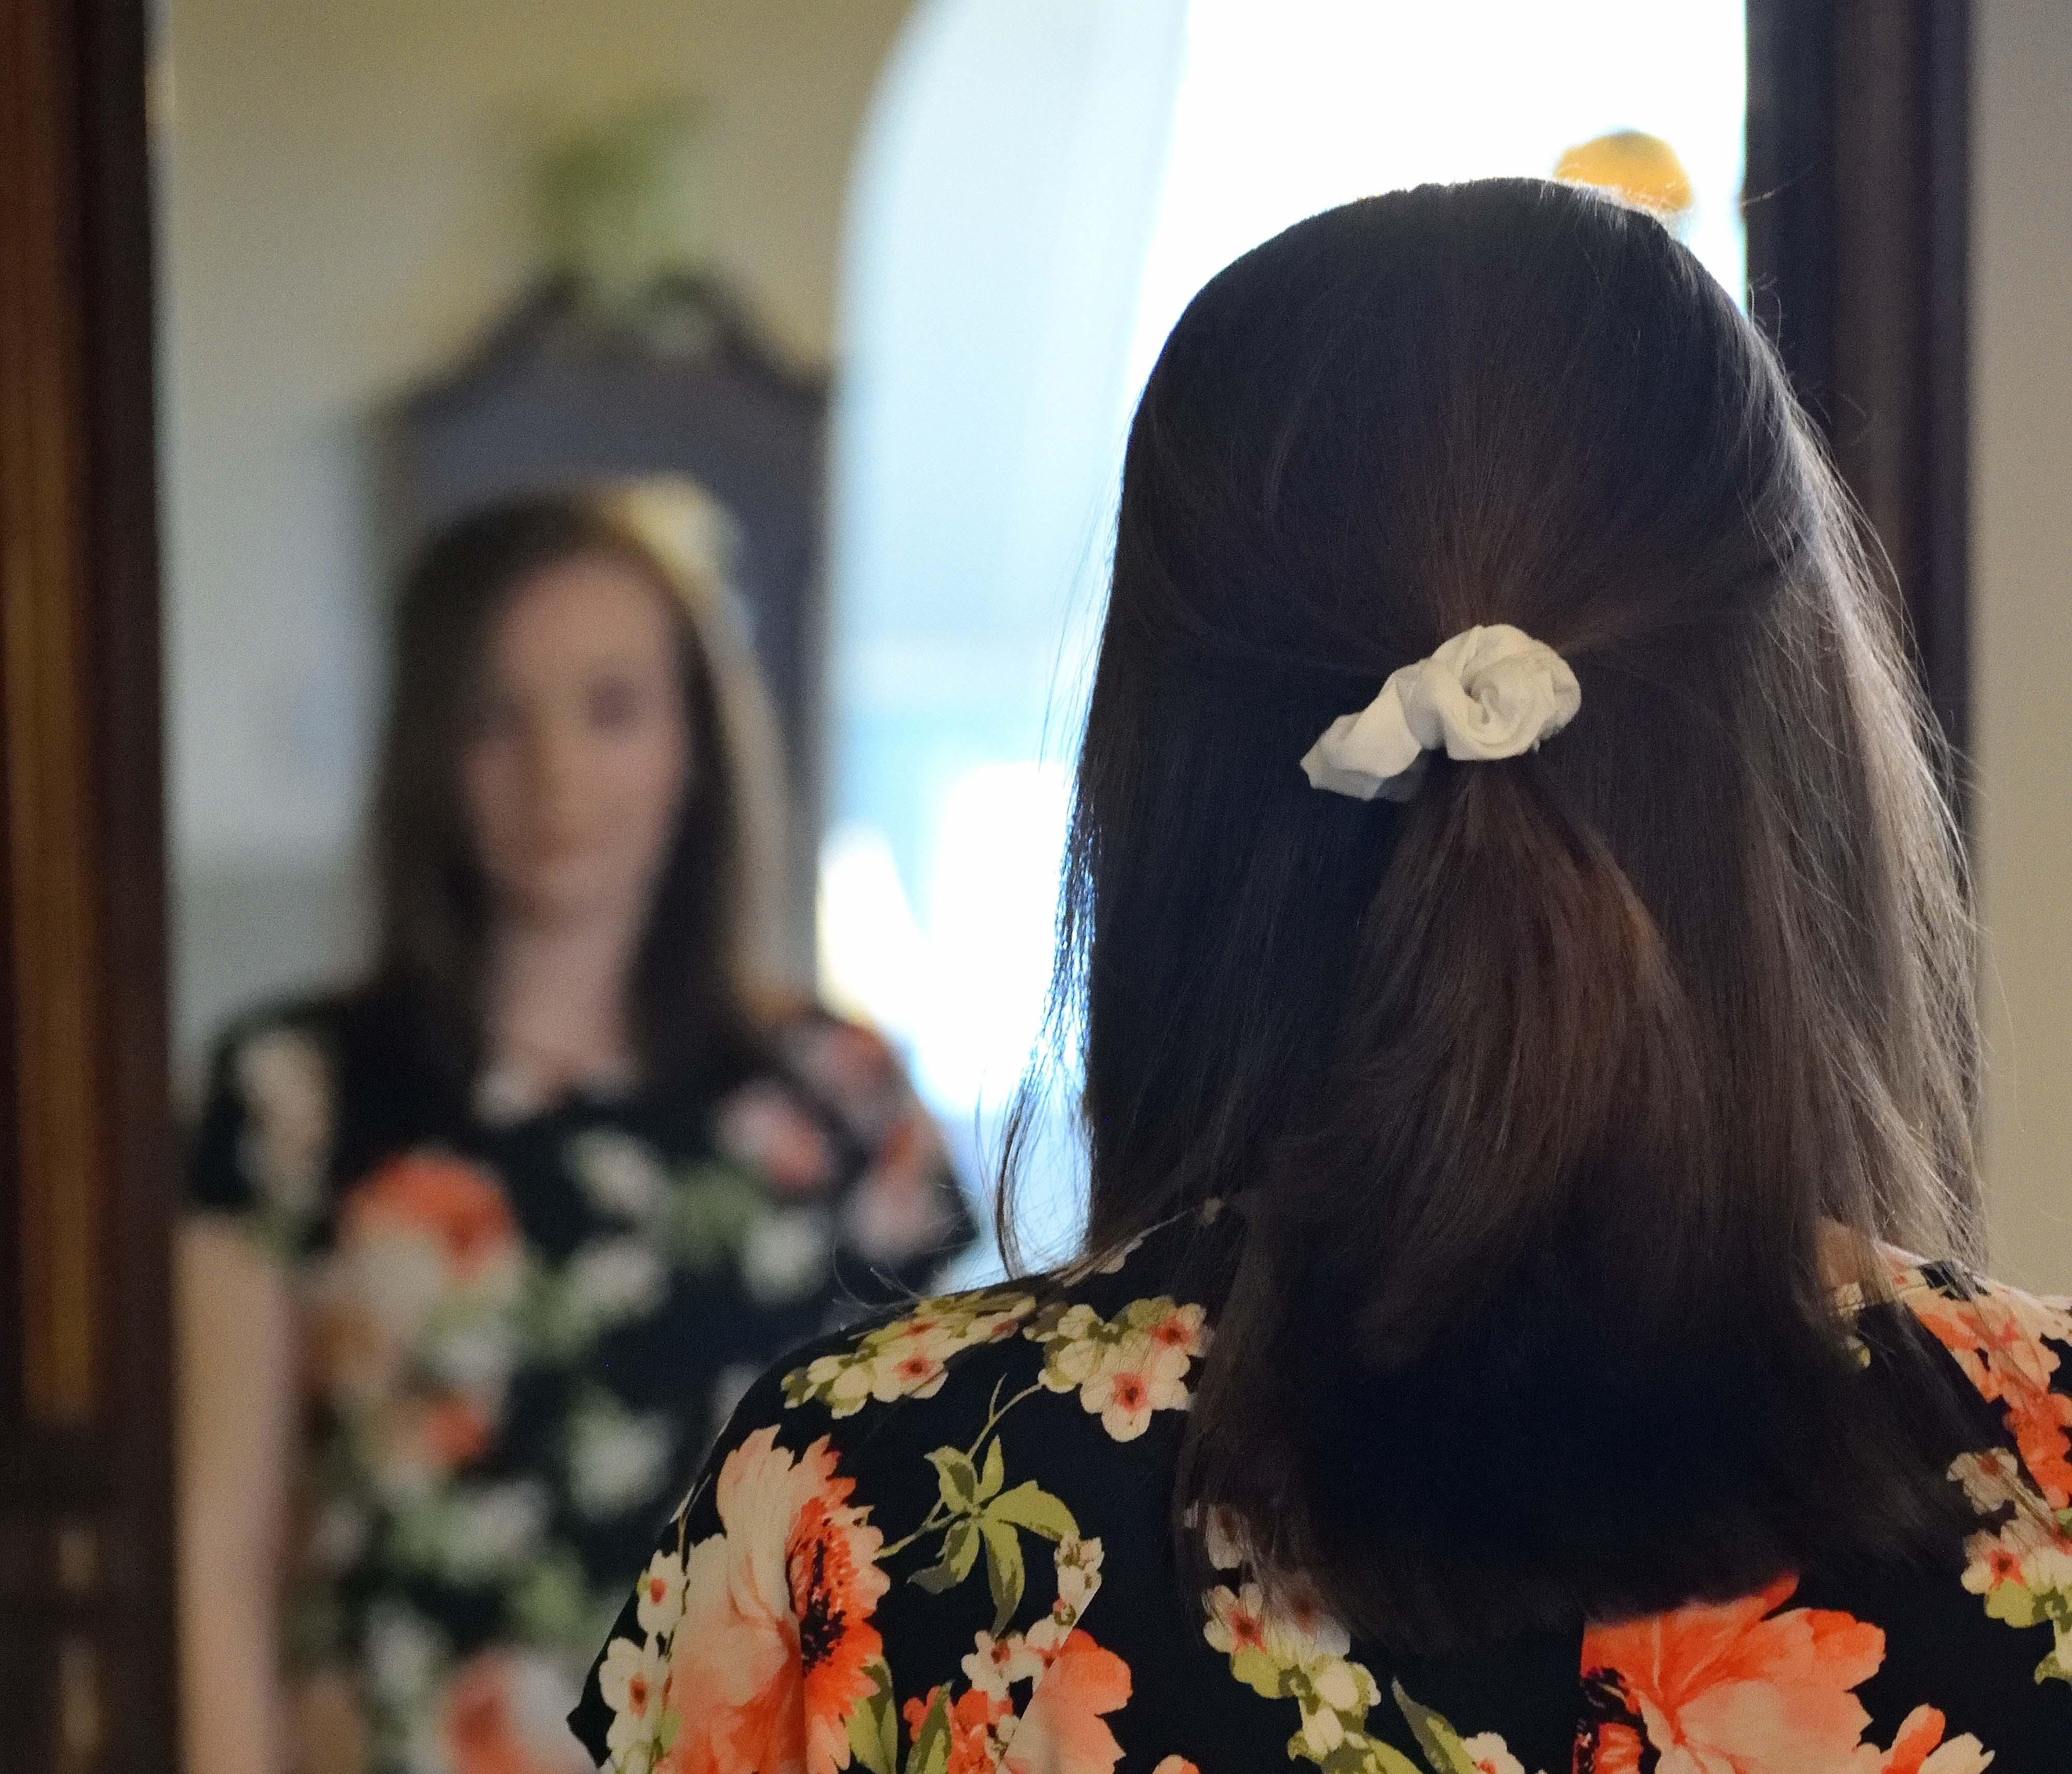 femme qui se regarde dans le miroire